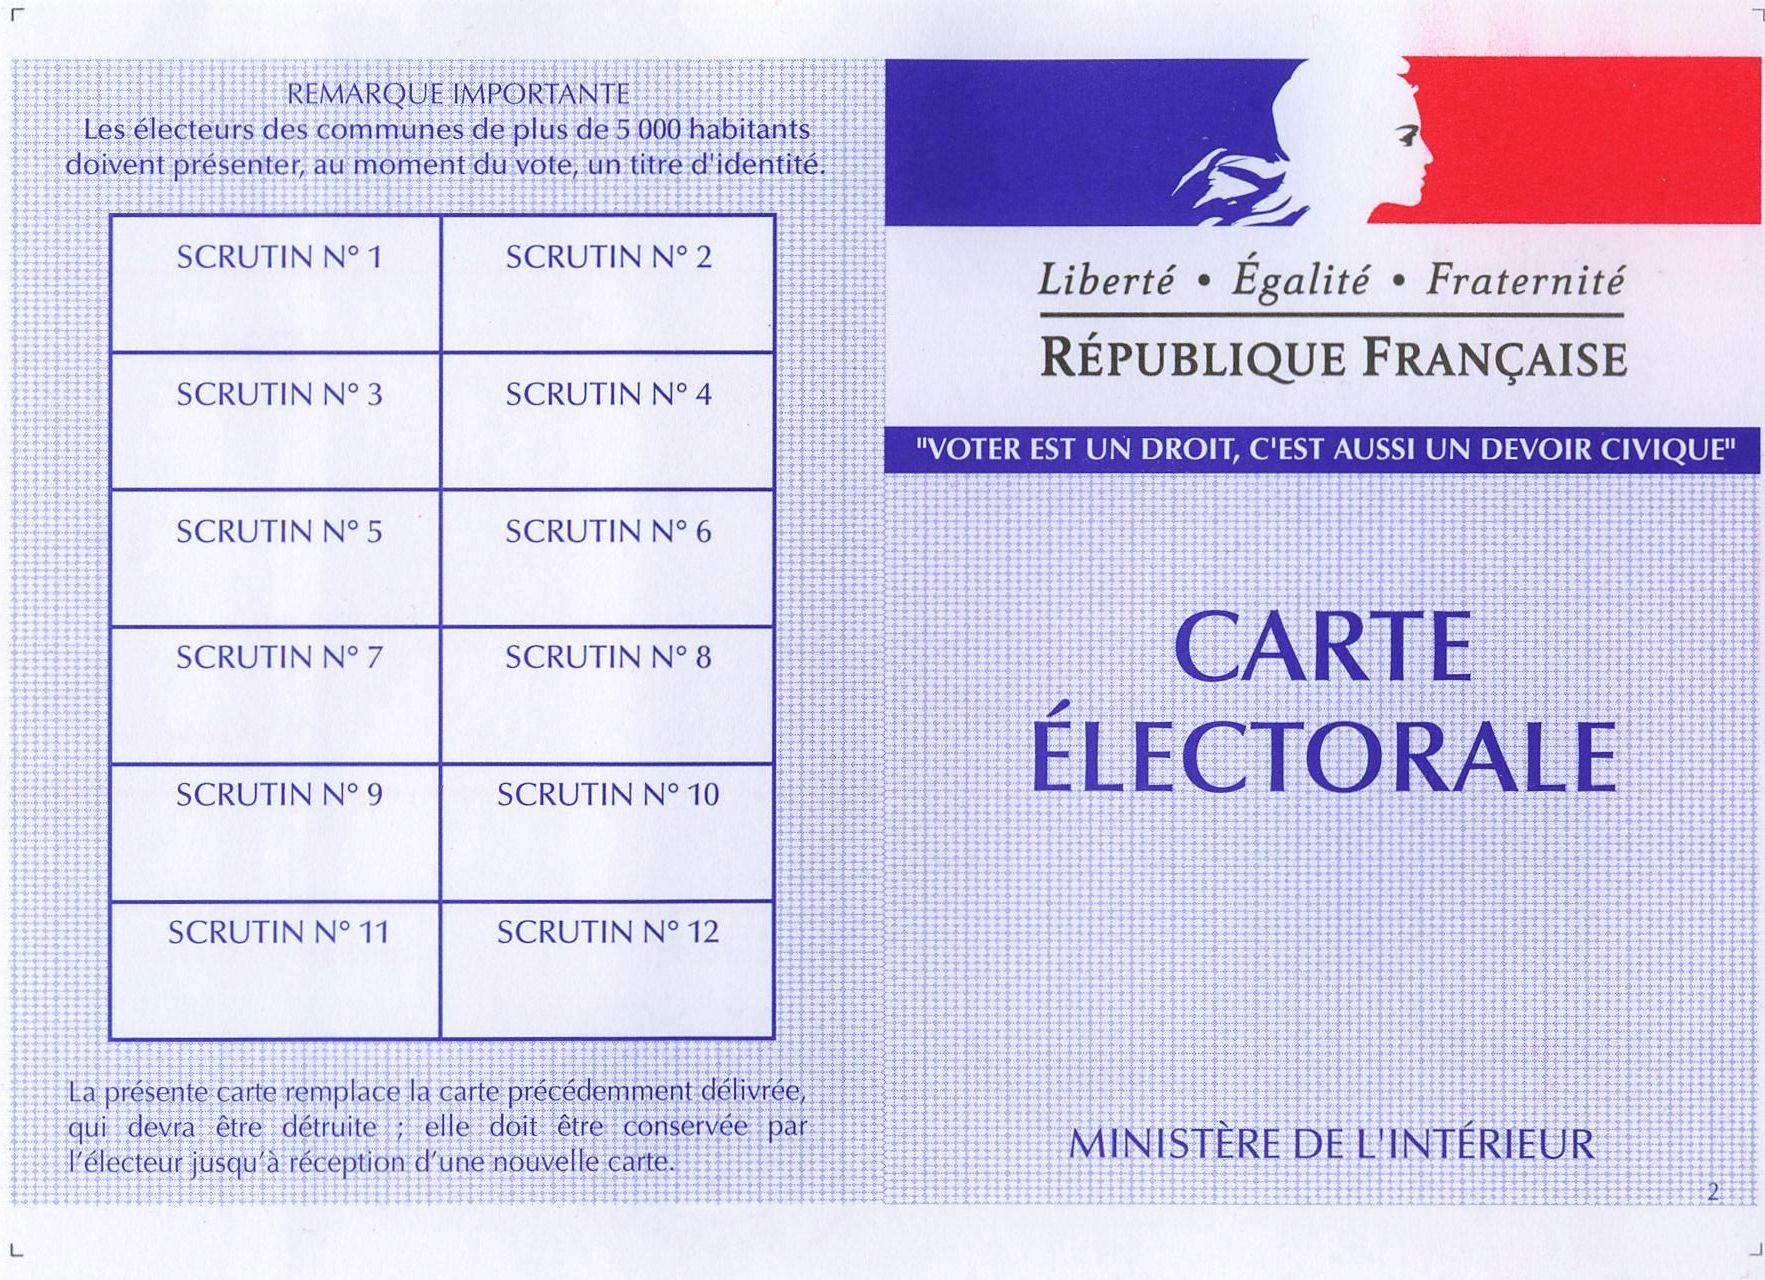 carte electoral